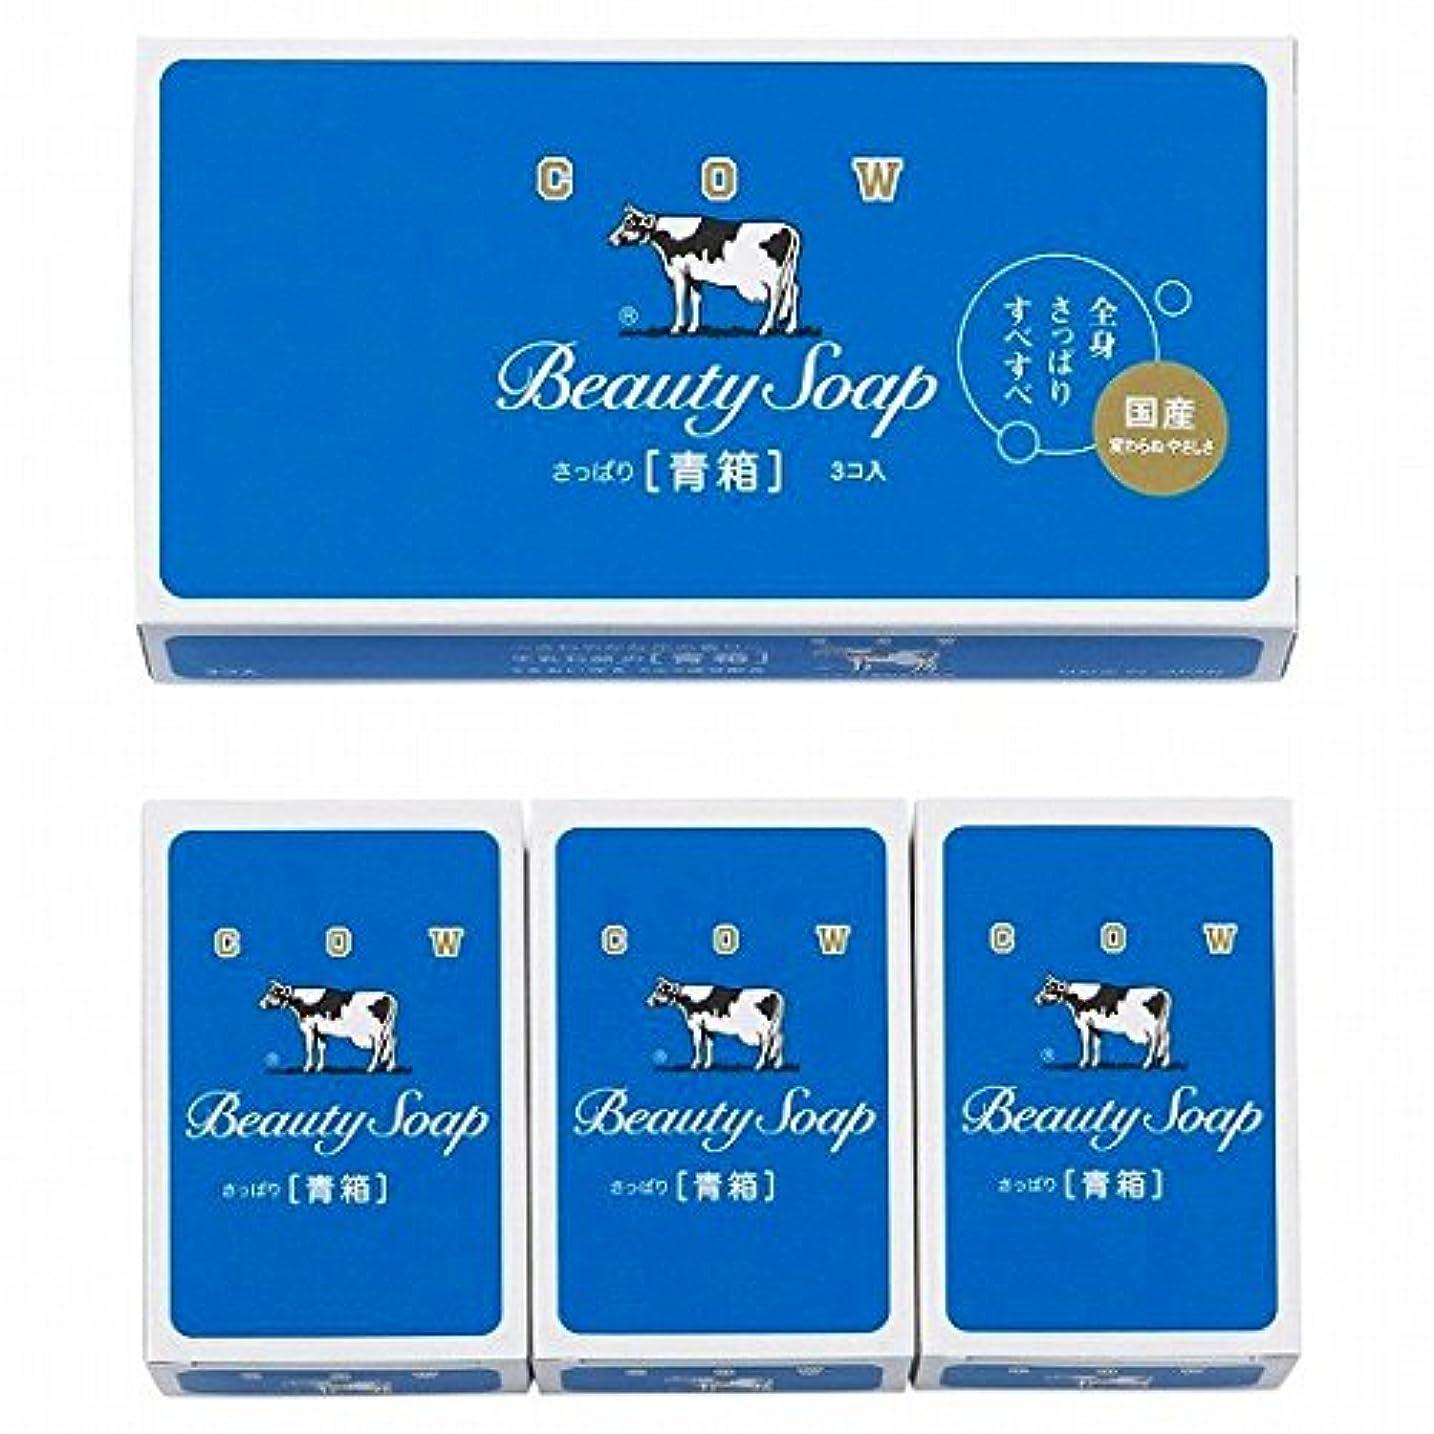 国籍リップジャンプするnobrand 牛乳石鹸 カウブランド青箱3入(B17-033)